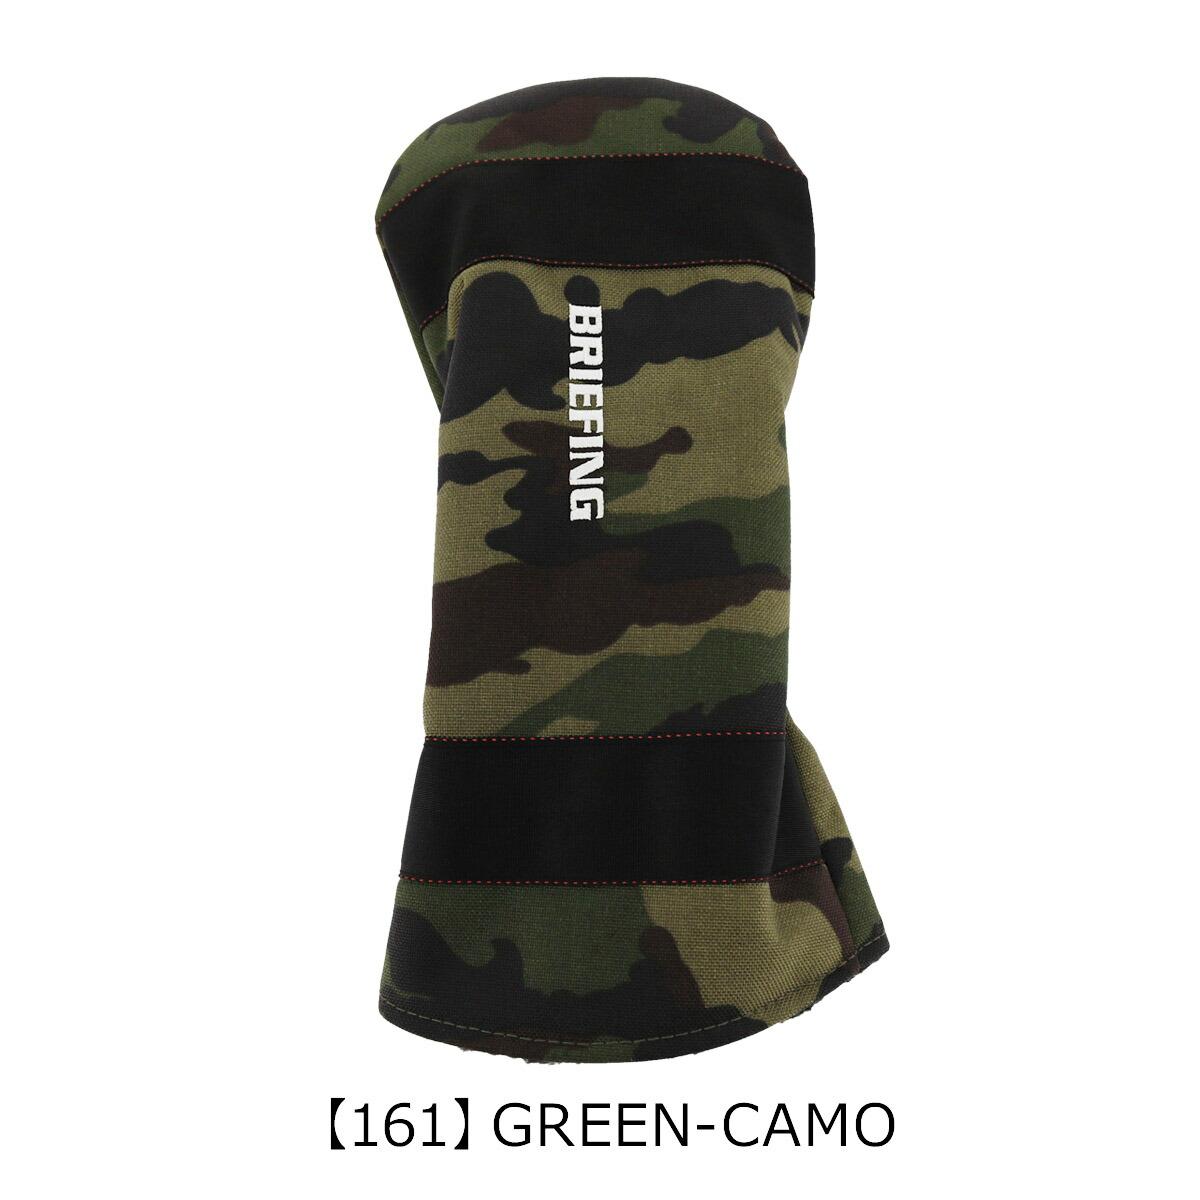 【161】GREEN-CAMO